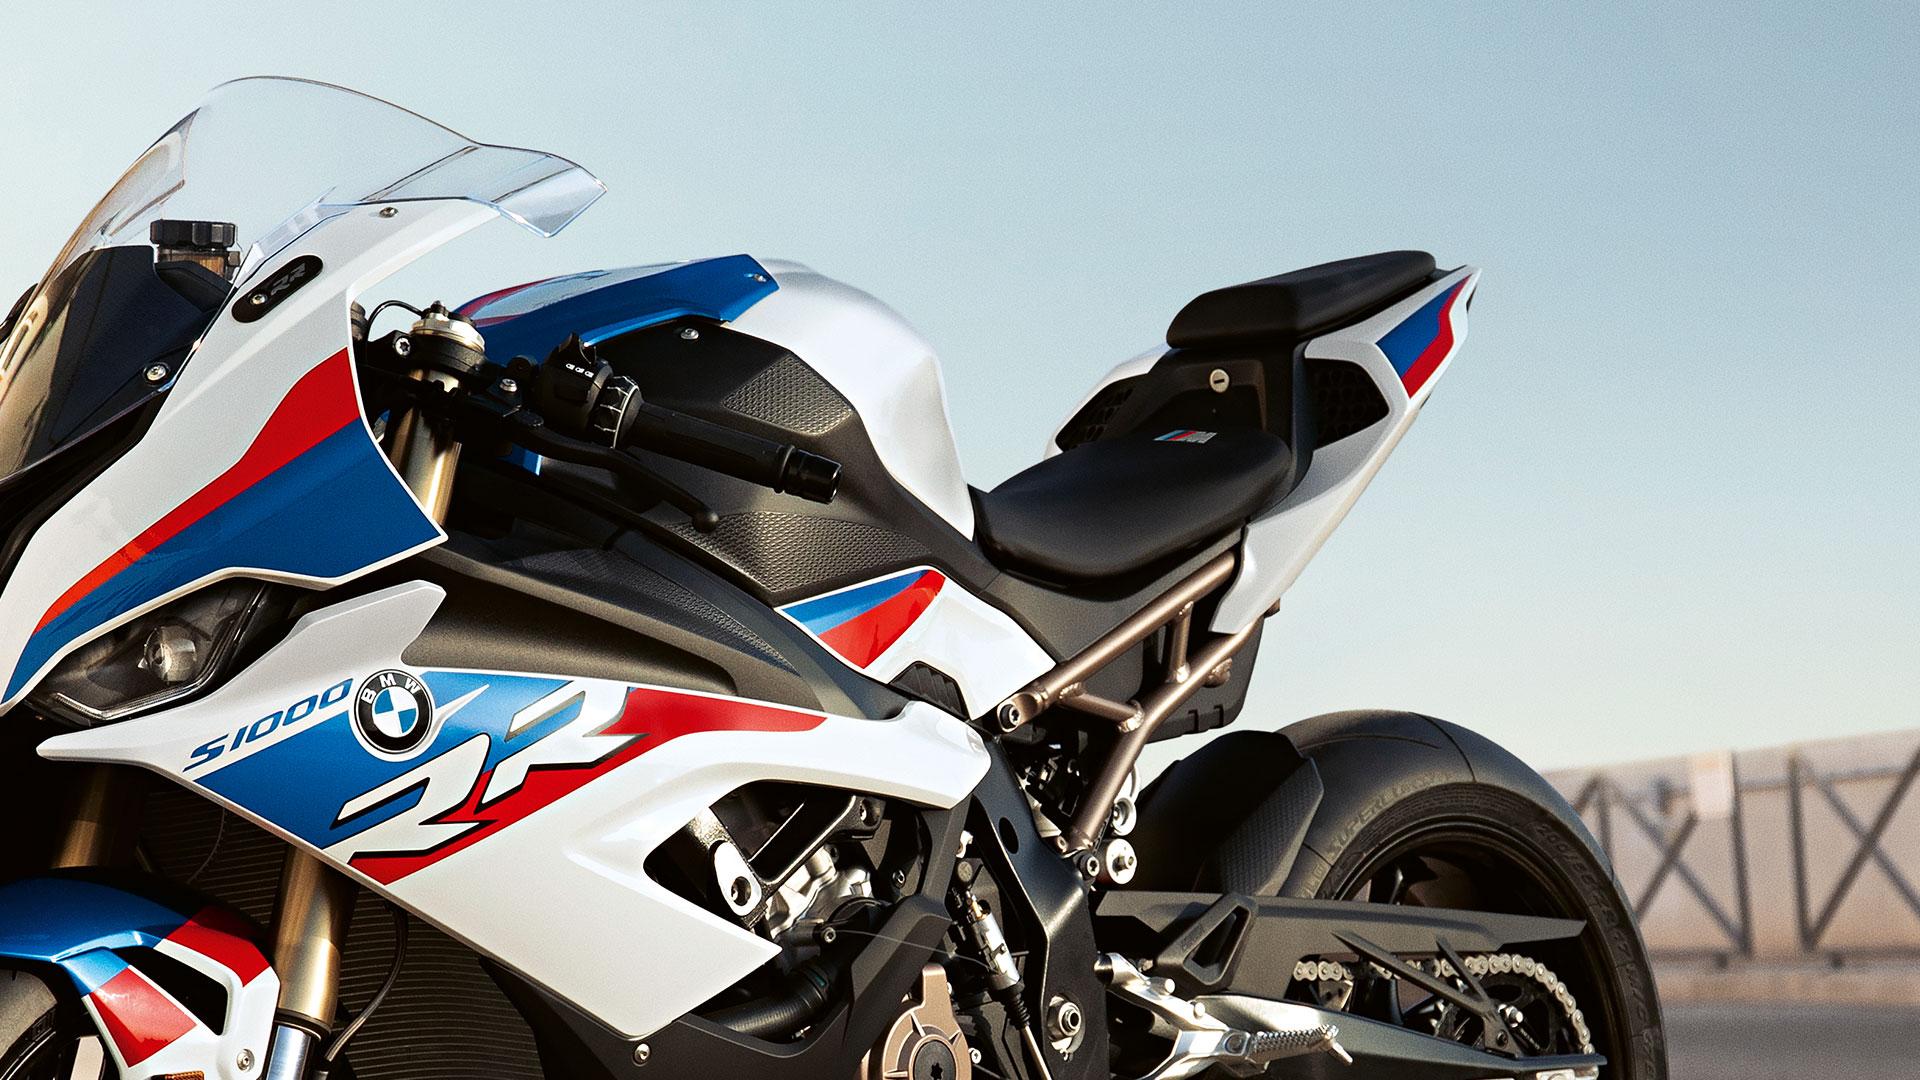 S 1000 Rr Bmw Motorrad Bmw Motorrad